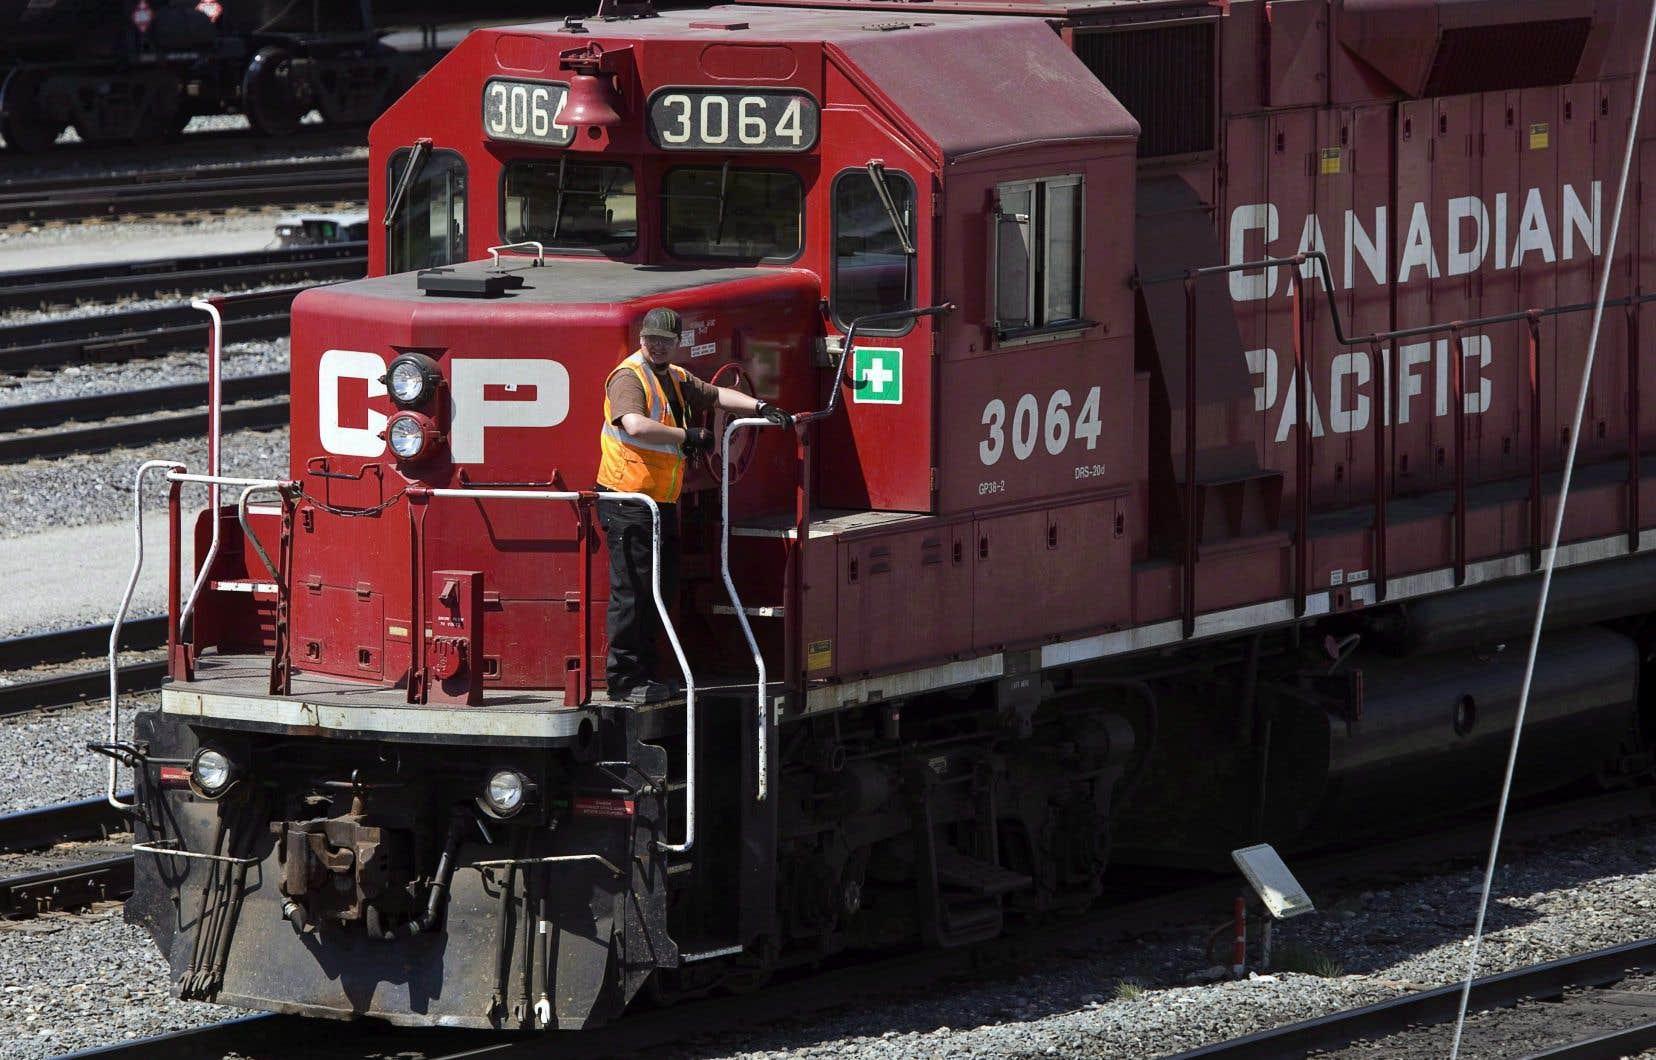 Les 3000 chefs de train et mécaniciens du Canadien Pacifique dans l'ensemble du pays ont déclenché une grève générale illimitée mardi soir.